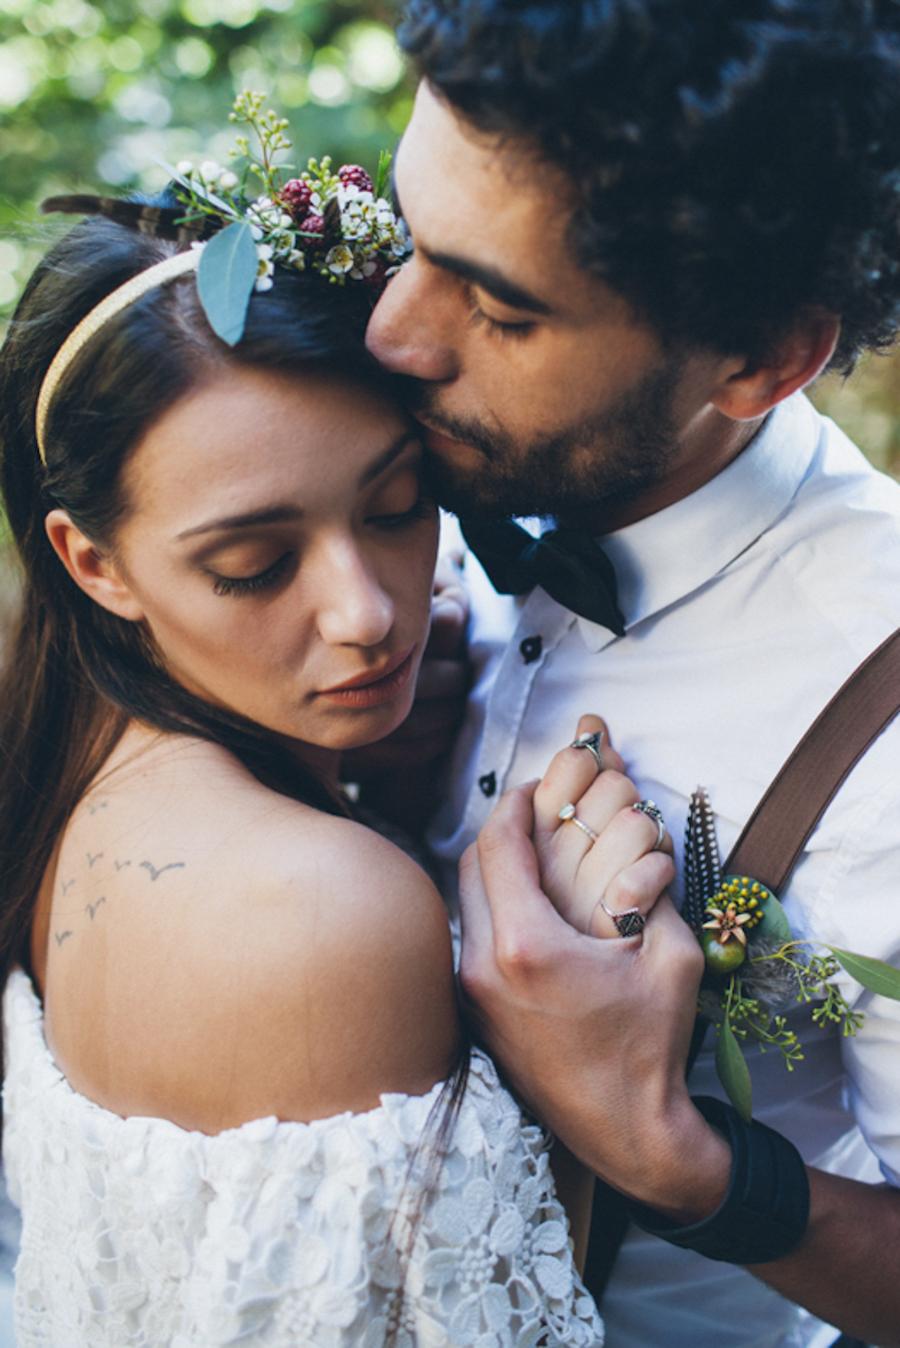 matrimonio-boho-chic-e-naturale-sweetphotofactory-wedding-wonderland-10